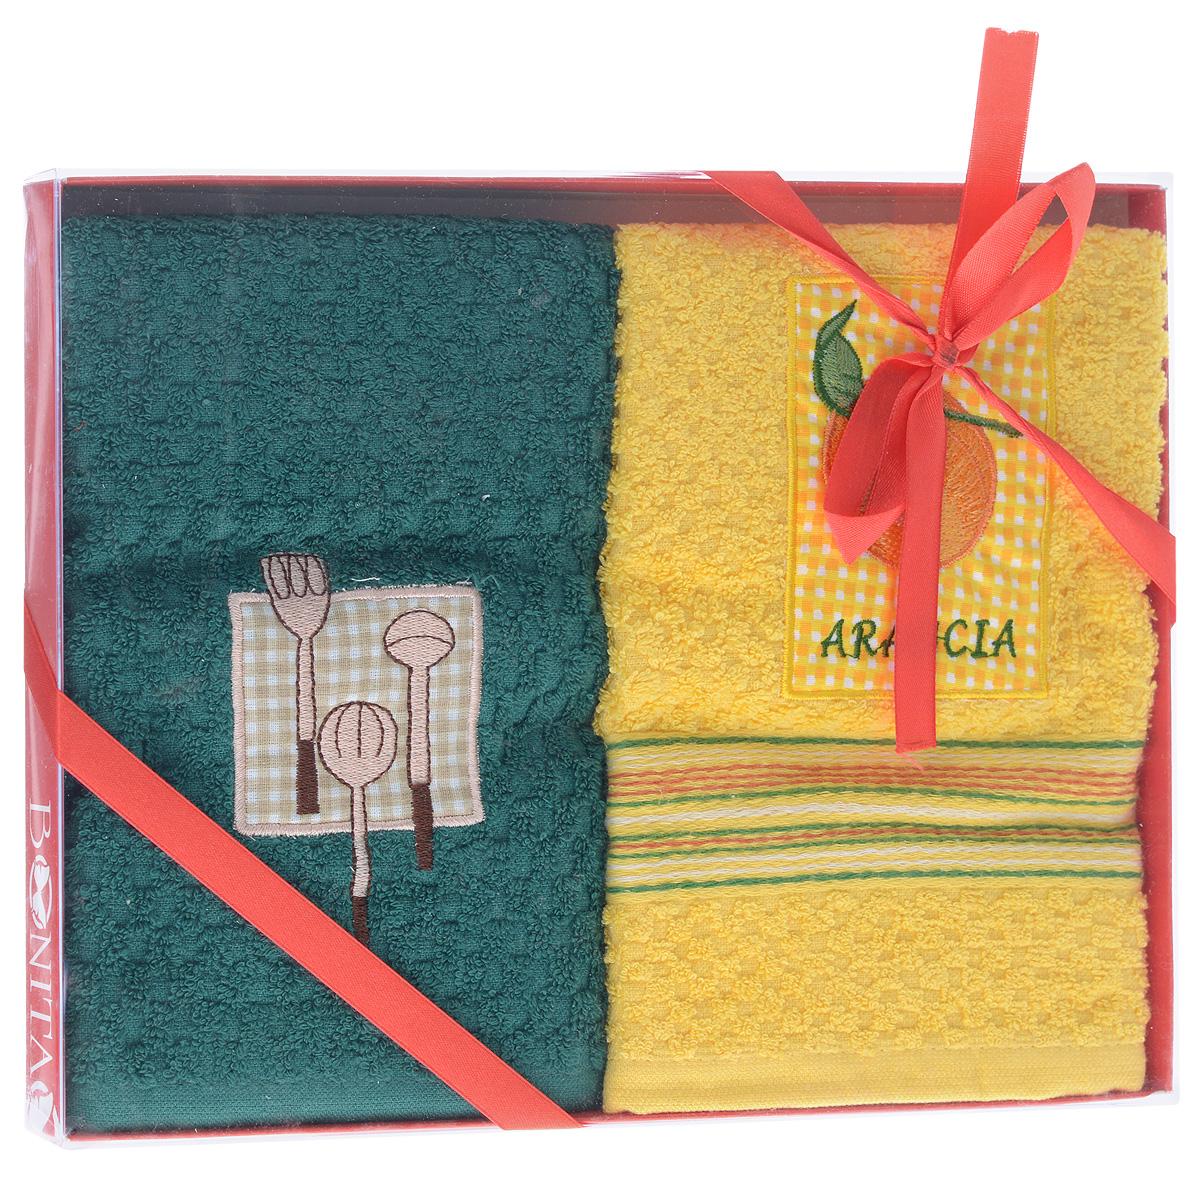 Набор махровых полотенец Bonita Солнечный, цвет: желтый, зеленый, 40 см х 60 см, 2 шт20100313373_желтое/зеленоеНабор Bonita Солнечный состоит из двух махровых полотенец, выполненных из хлопка желтого и зеленого цветов. Полотенца оформлены изящной вышивкой.Такой набор оригинально украсит интерьер и будет уместен как на кухне, так и ванной. Прекрасно подойдет в качестве подарка, который окажется не только приятным, но и полезным в хозяйстве.Размер полотенец: 40 см х 60 см.